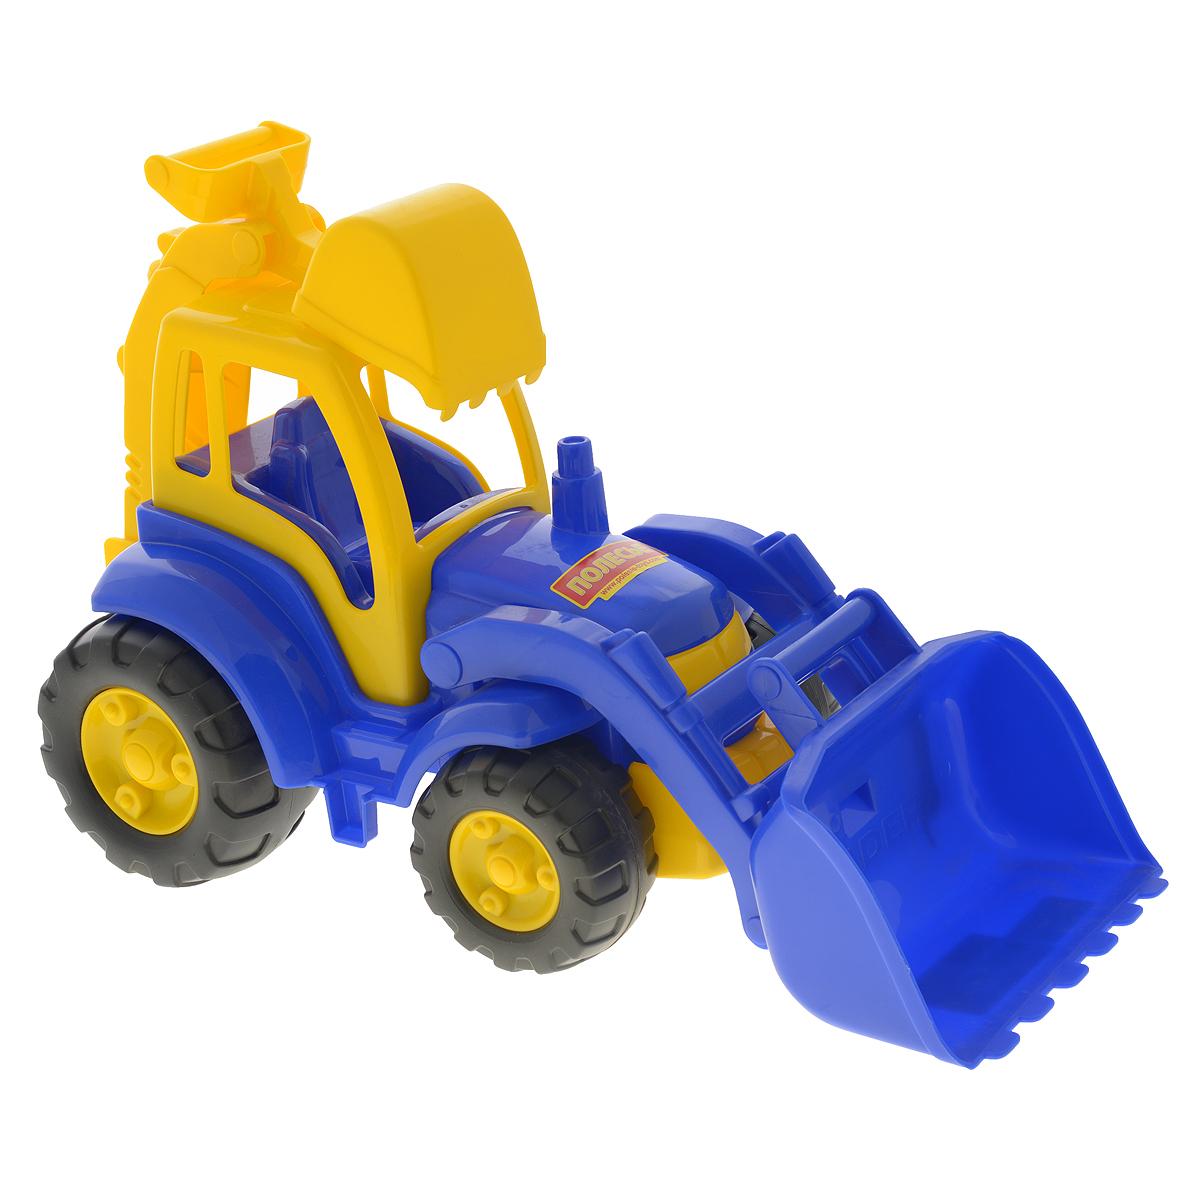 Полесье Трактор Чемпион цвет синий желтый513Трактор Полесье Чемпион, выполненный из яркого и прочного материала, отлично подойдет ребенку для различных игр. Трактор оснащен большим ковшом, с помощью которого можно перемещать материалы (камушки, песок), убирать строительный мусор или расчищать площадку. Сзади трактора находится стрела со вторым ковшом, которая поднимается, опускается и поворачивается, что поможет ребенку в его работах. В просторную незастекленную кабину машины легко поместится минифигурка водителя ( в комплект не входит). Широкие колеса трактора со свободным ходом обеспечивают игрушке устойчивость и хорошую проходимость. С этим реалистично выполненным трактором ваш малыш часами будет занят игрой!